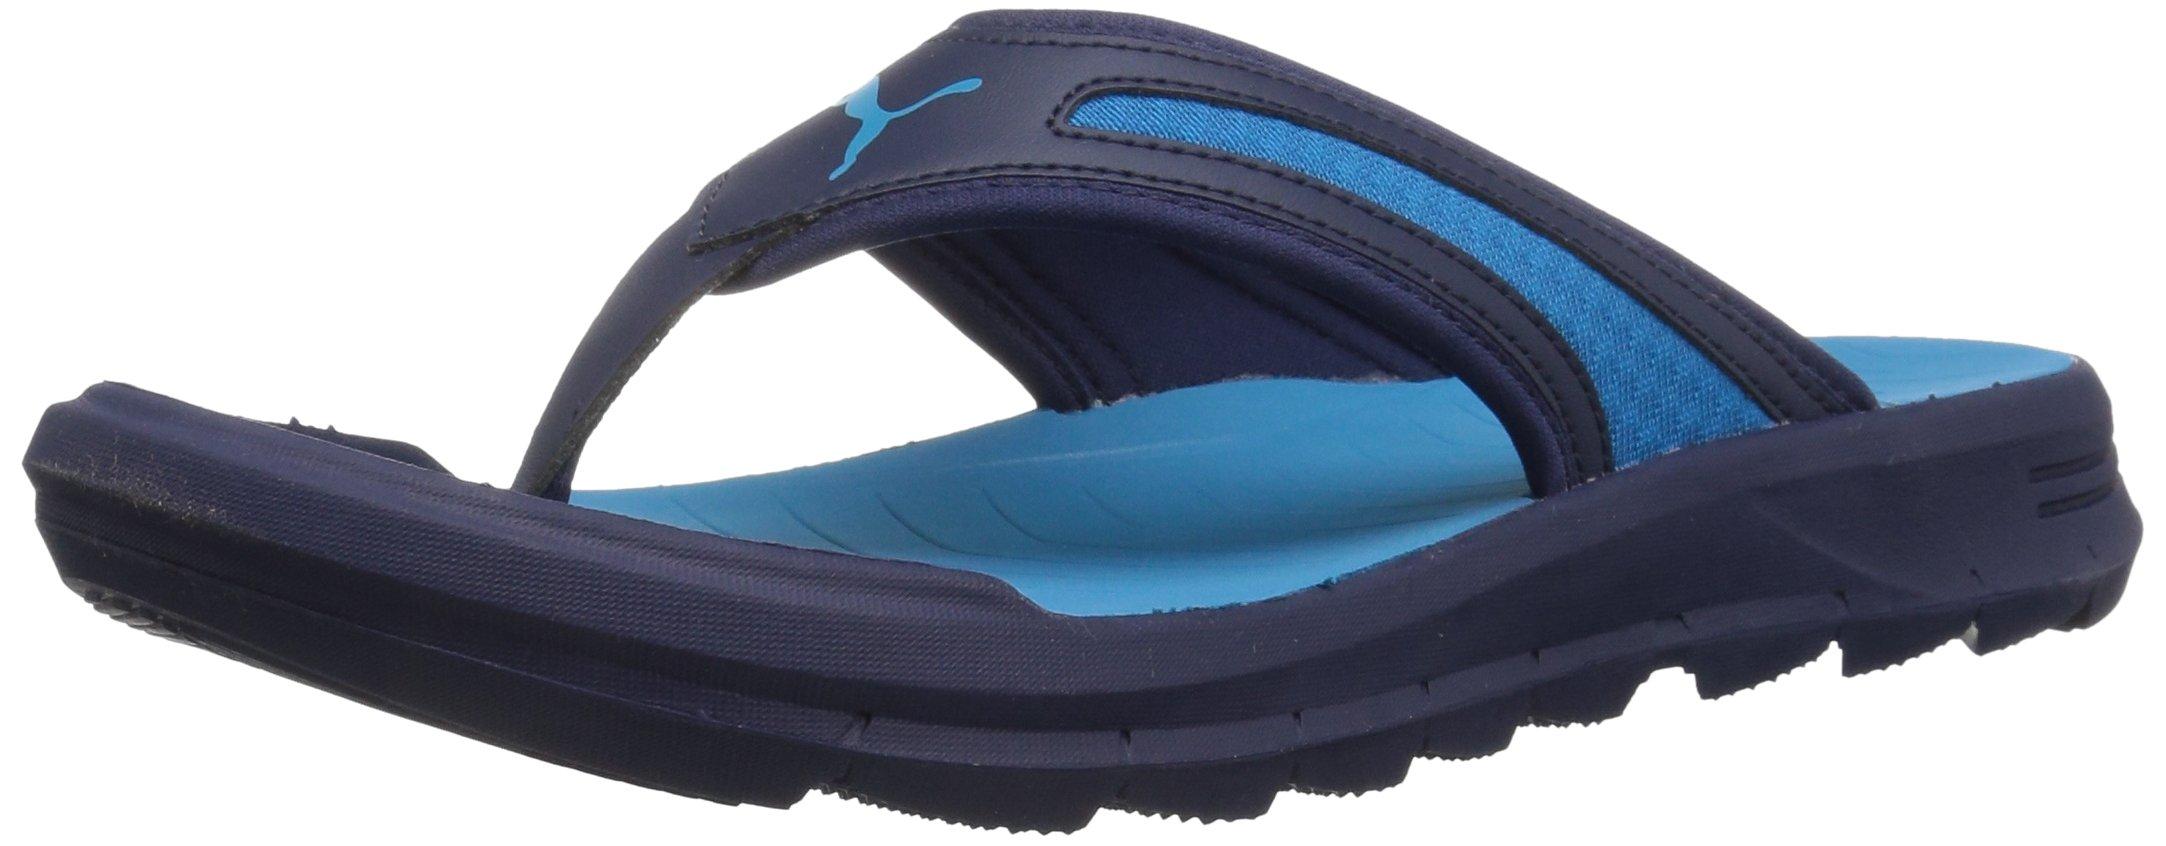 PUMA Men's Wild Flip Athletic Sandal, Peacoat-Blue Danube, 12 M US